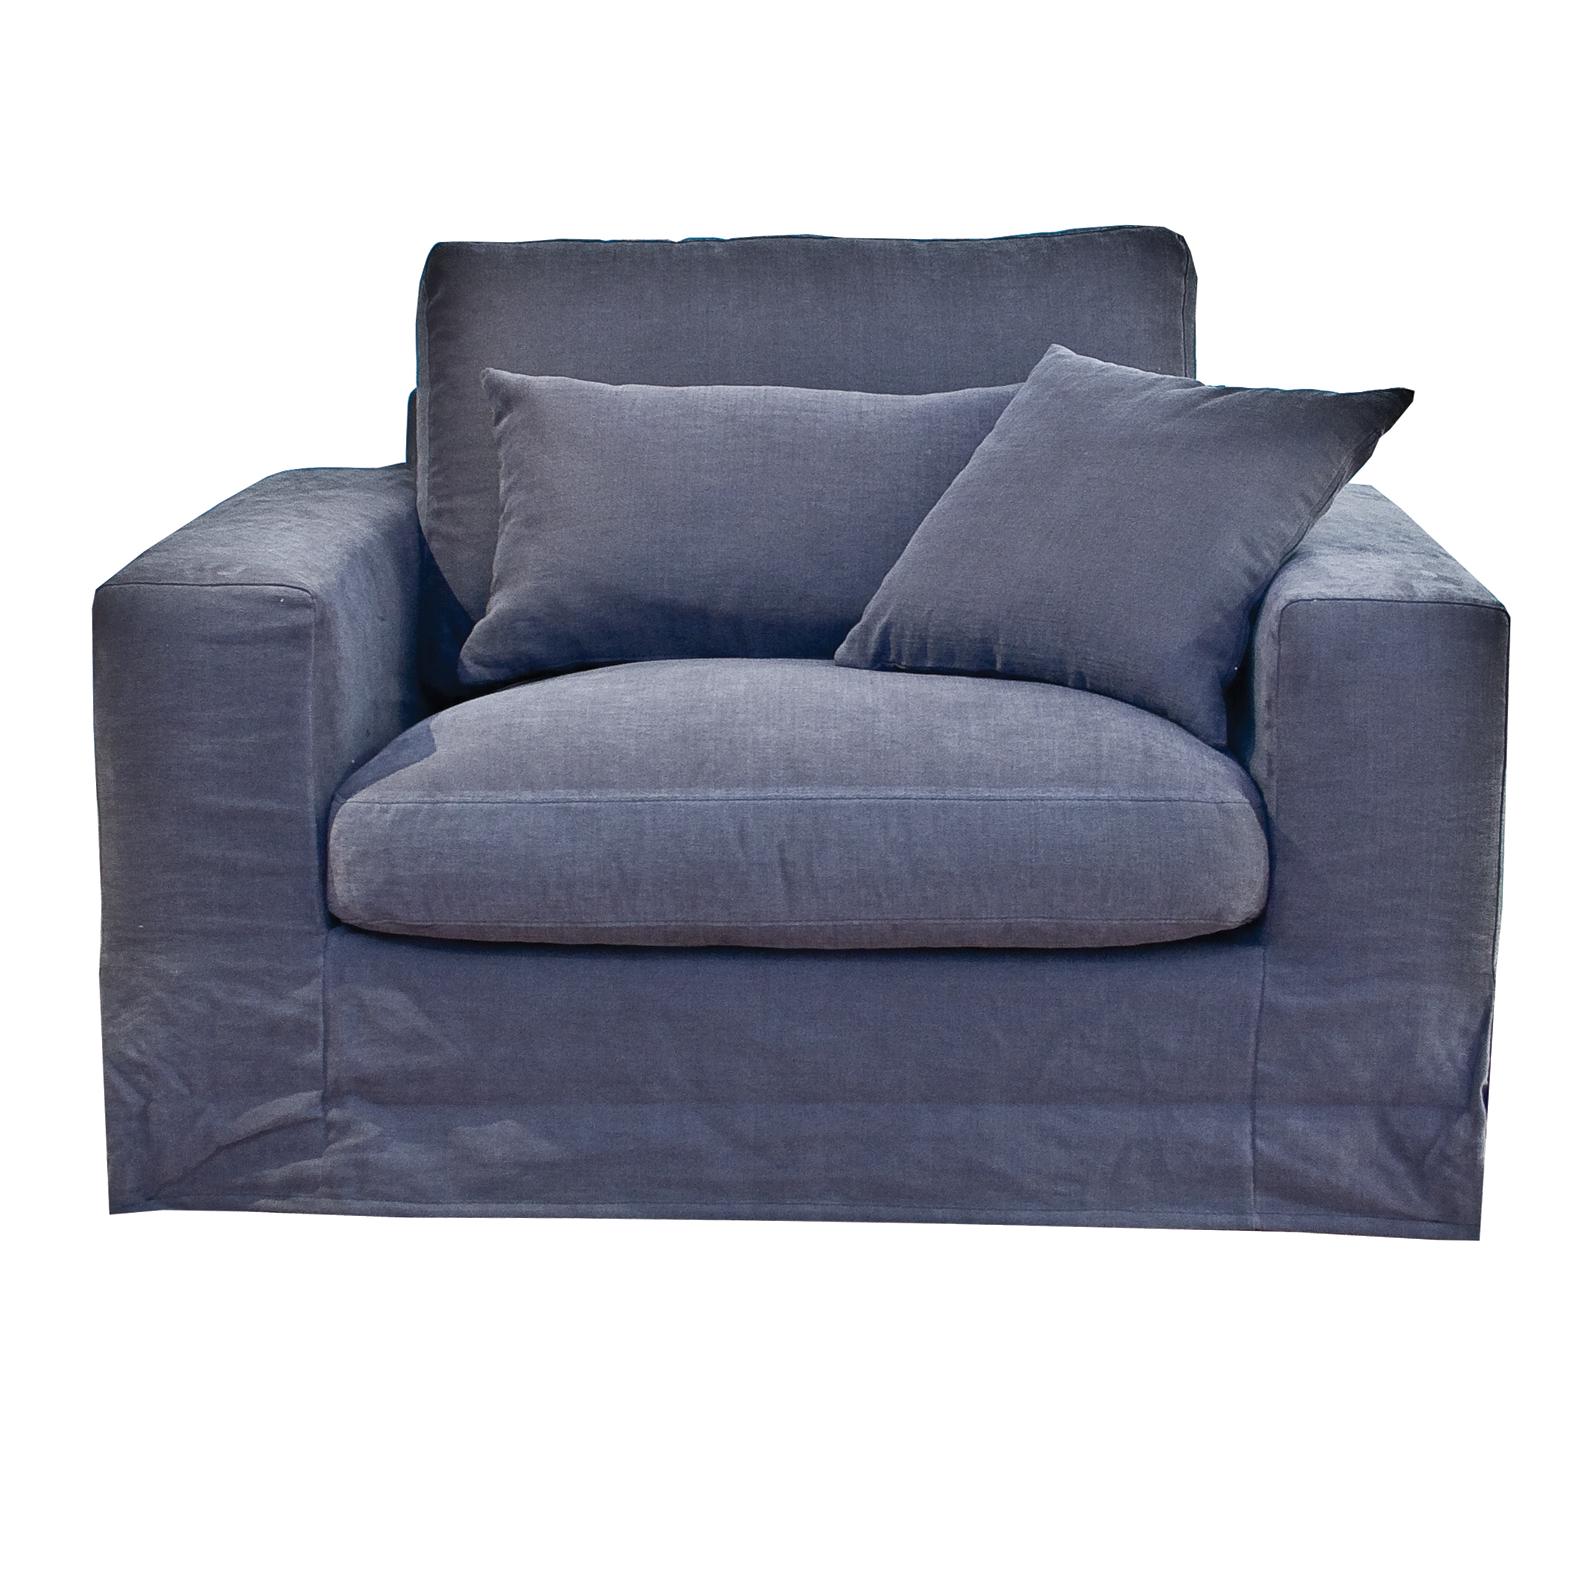 breiter sessel cleveland. Black Bedroom Furniture Sets. Home Design Ideas